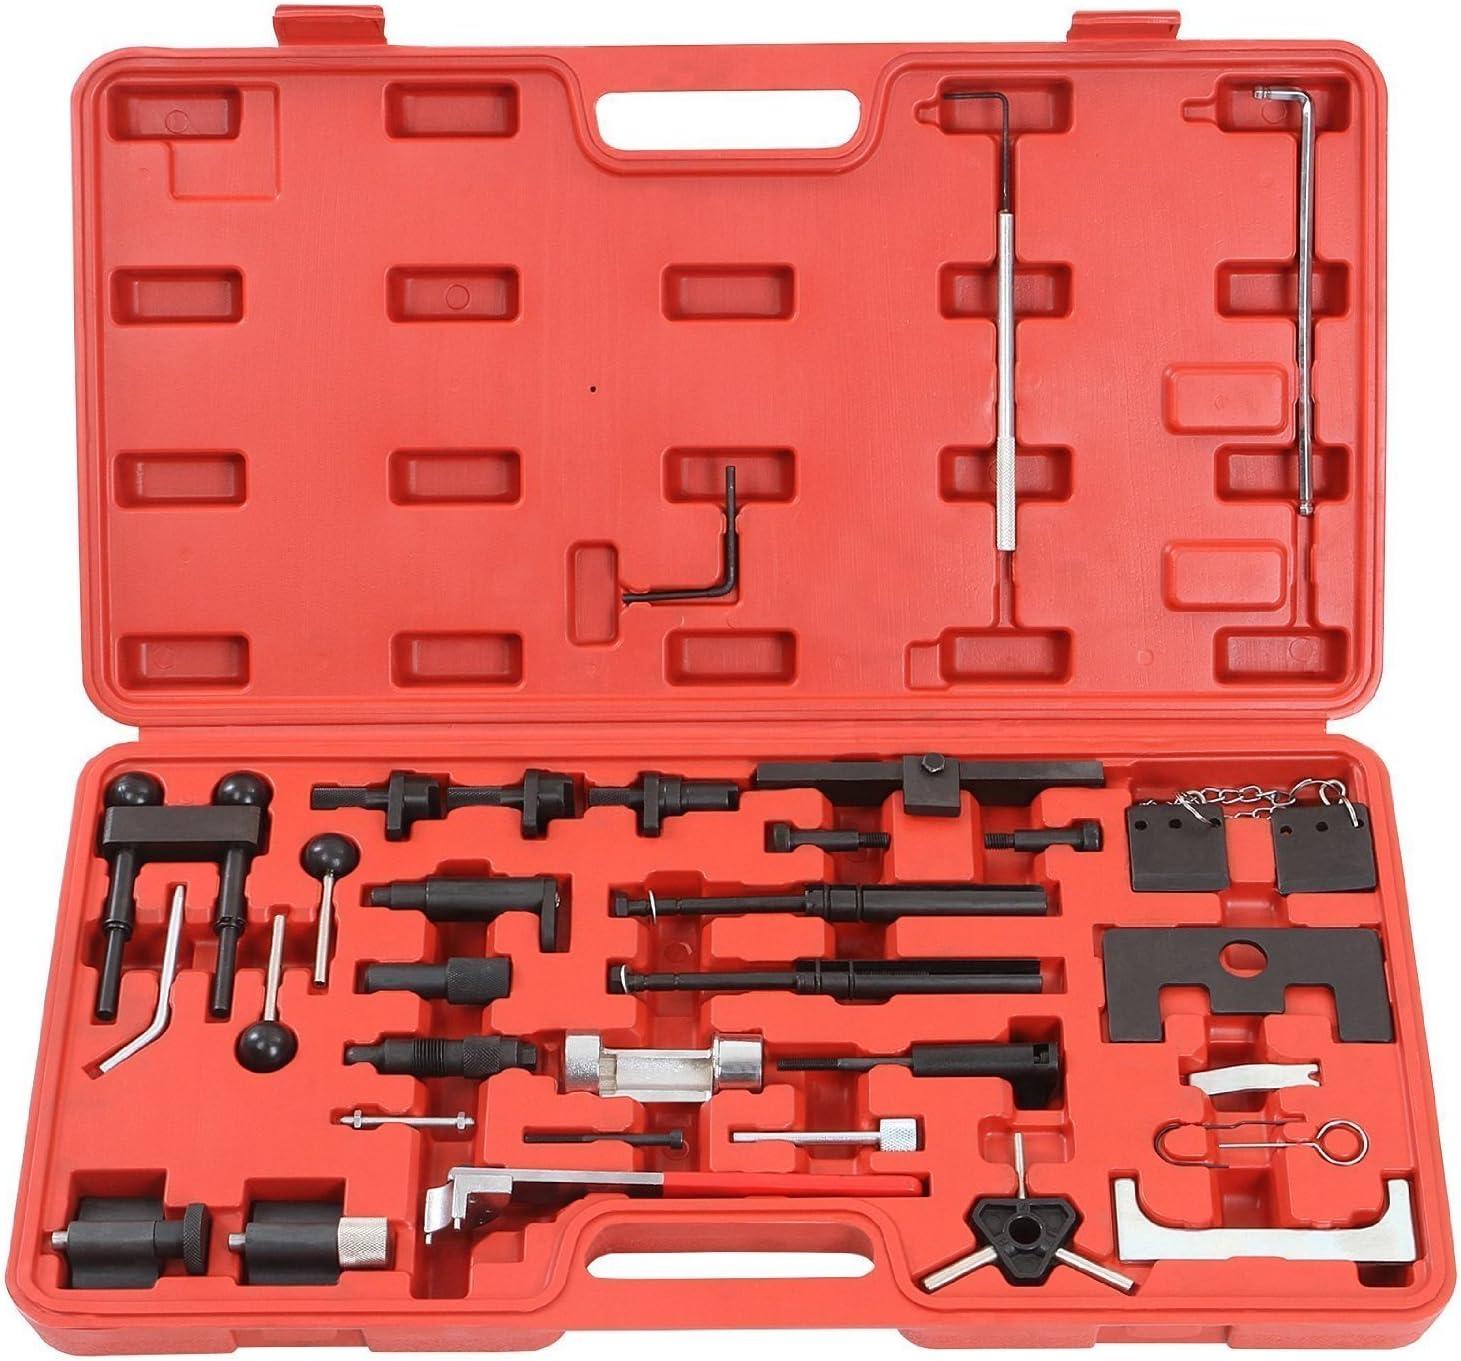 LARS360 - Herramientas de ajuste de motor, correa de distribución, para Audi, Volkswagen, de acero de carbono resistente, en maletín de herramientas